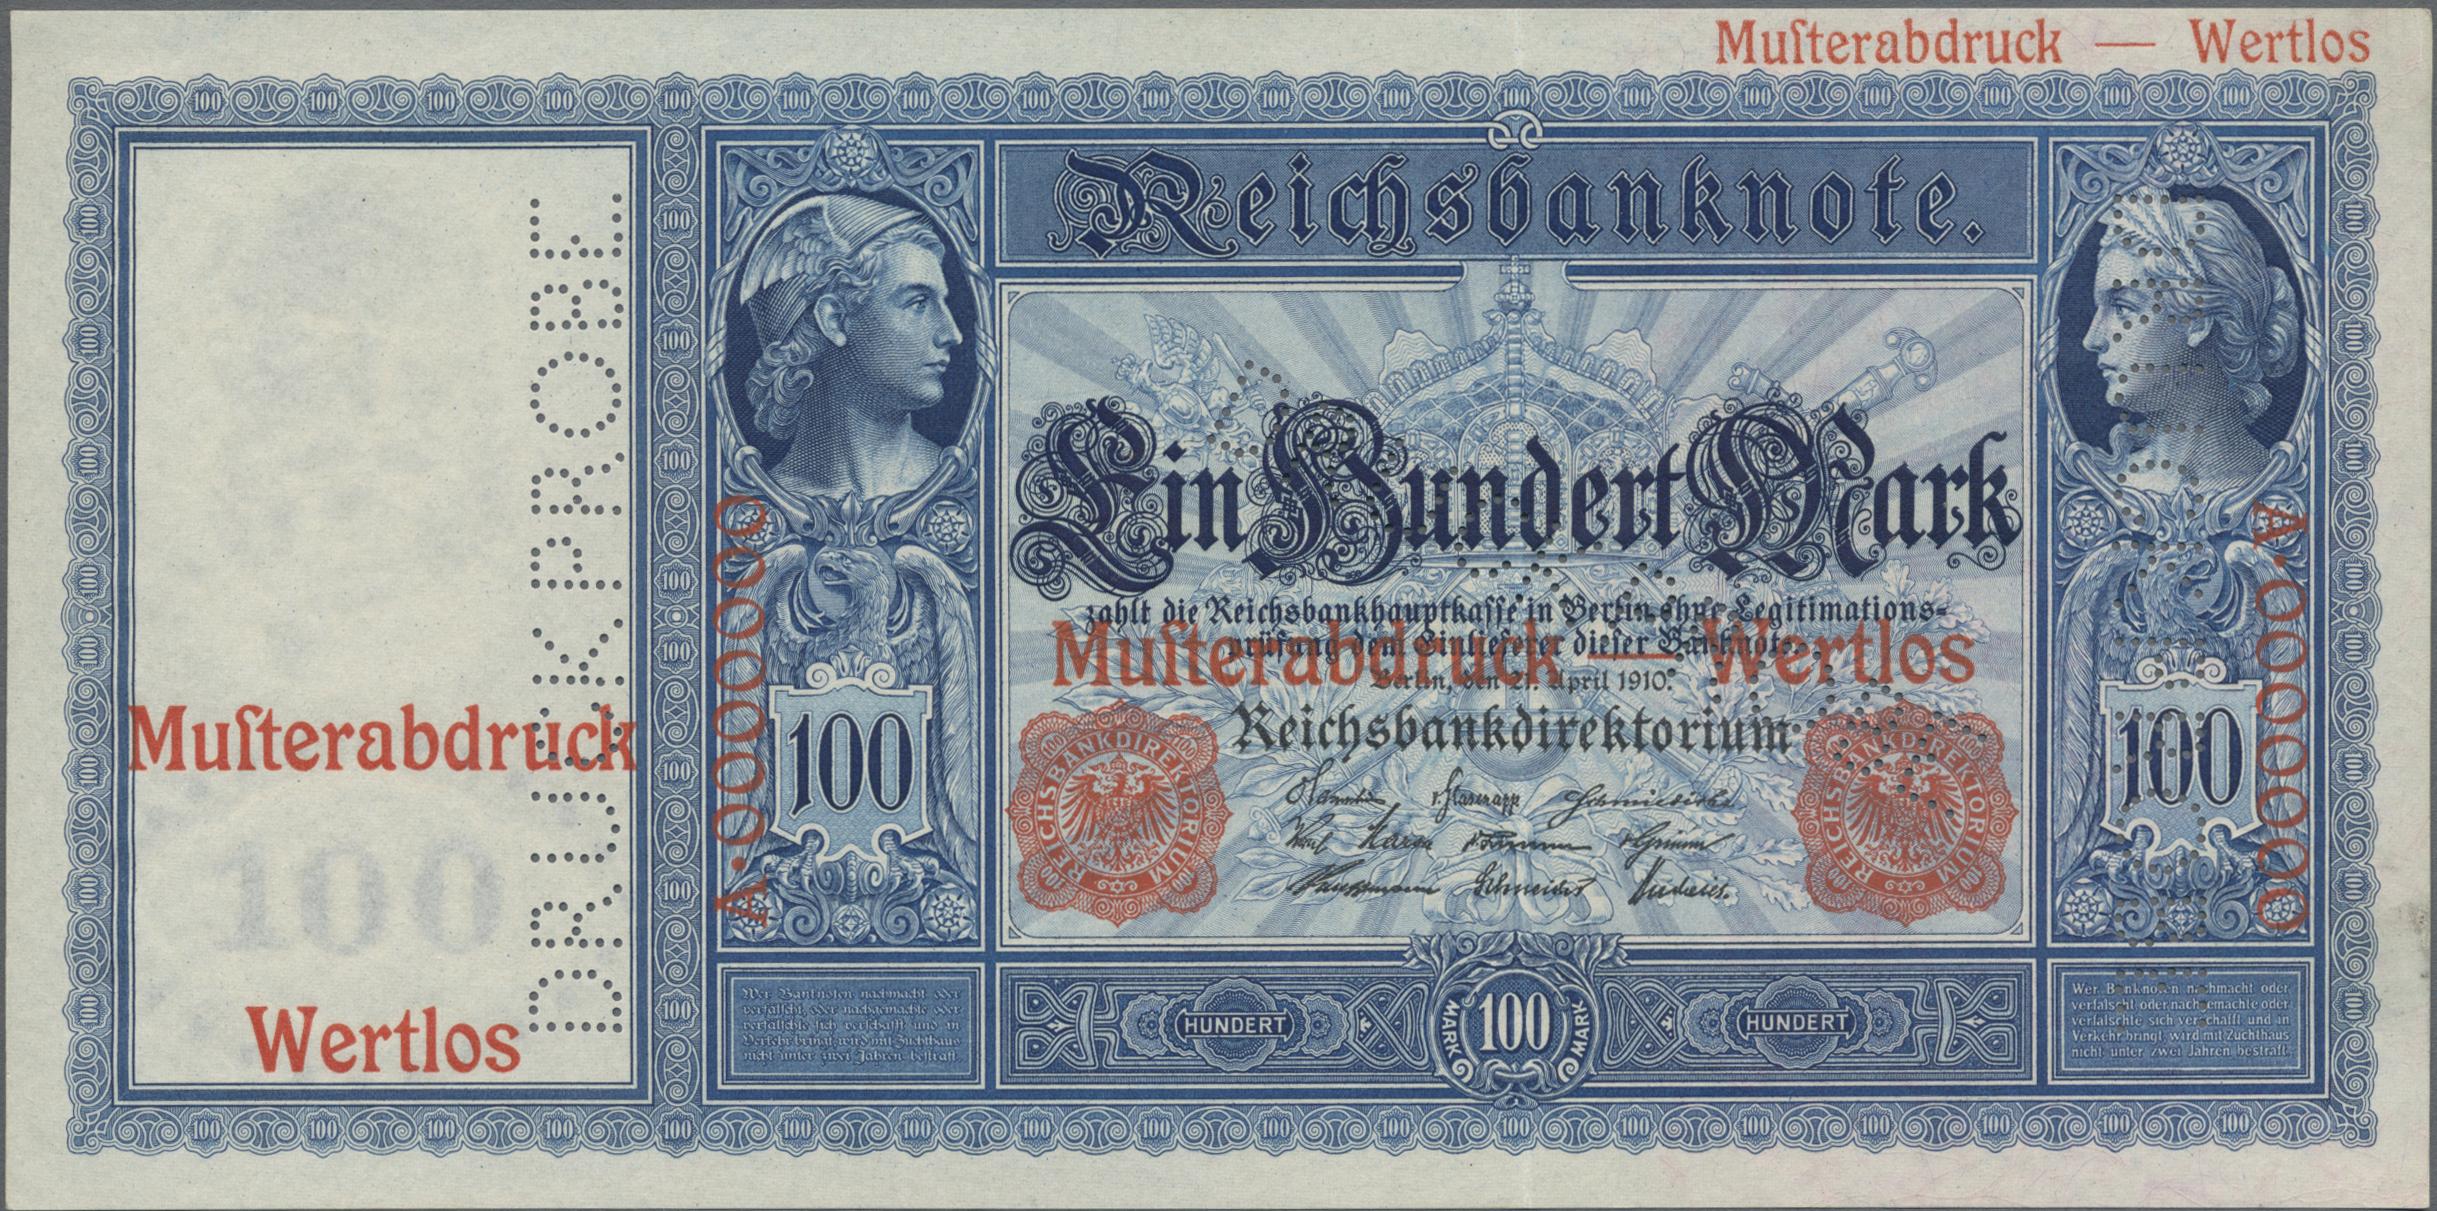 Lot 03323 - Deutschland - Deutsches Reich bis 1945 | Banknoten  -  Auktionshaus Christoph Gärtner GmbH & Co. KG Sale #45 Banknotes Germany/Numismatics